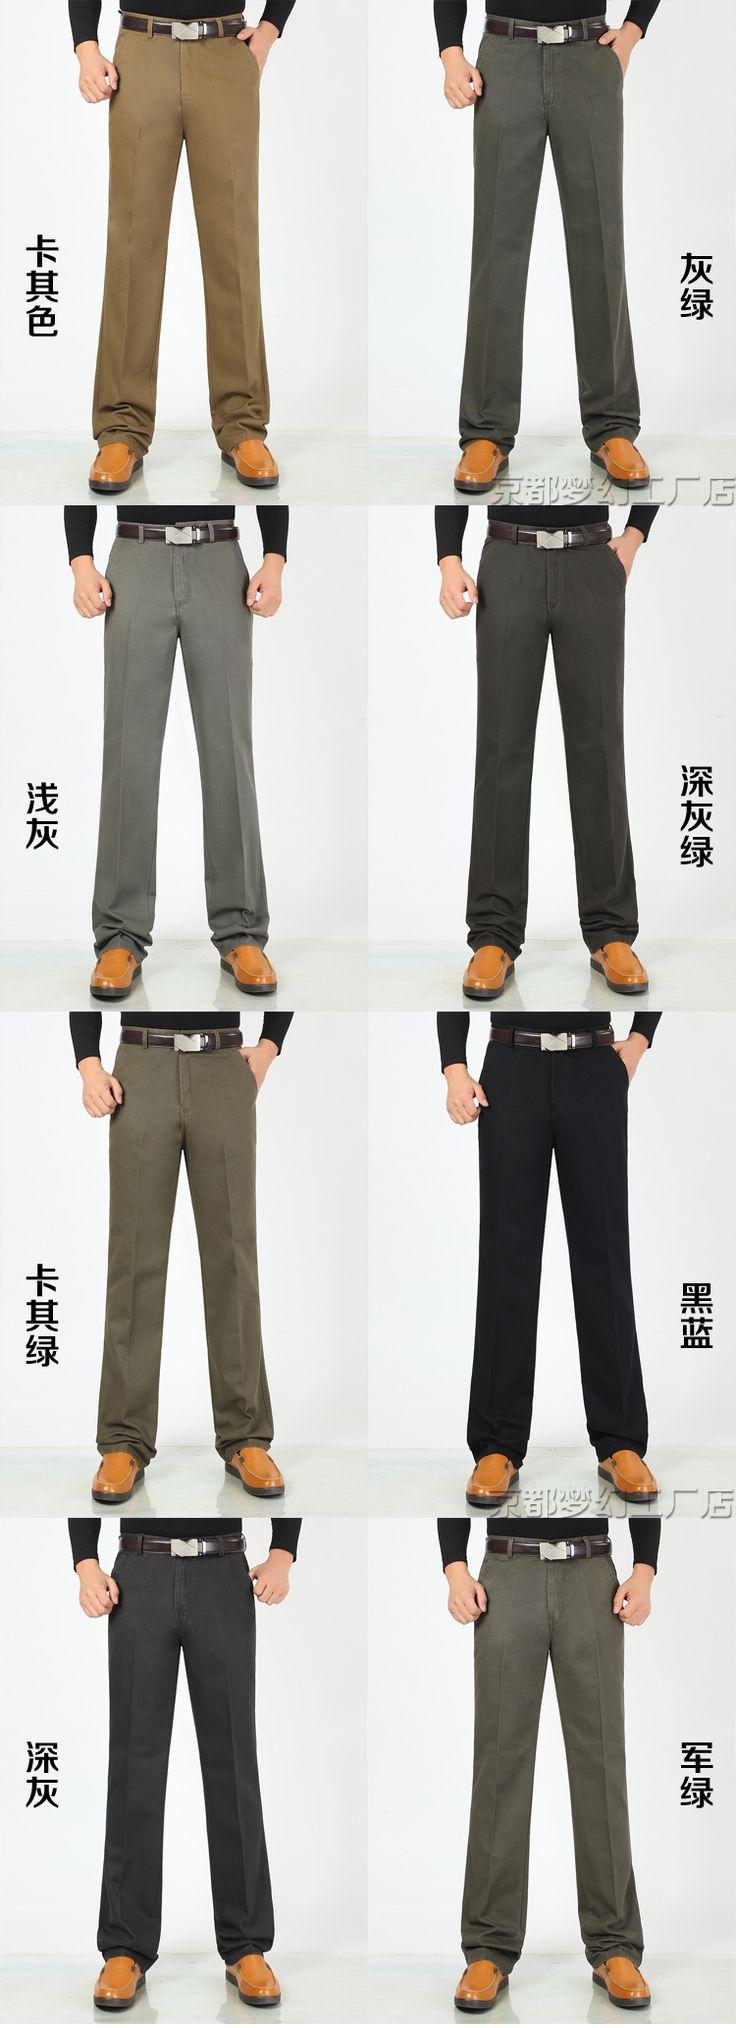 Повседневные брюки осень и зима мужские с высокой талией прямые брюки среднего возраста бизнес случайный железа брюки свободные брюки мужские брюки папа-Таобао